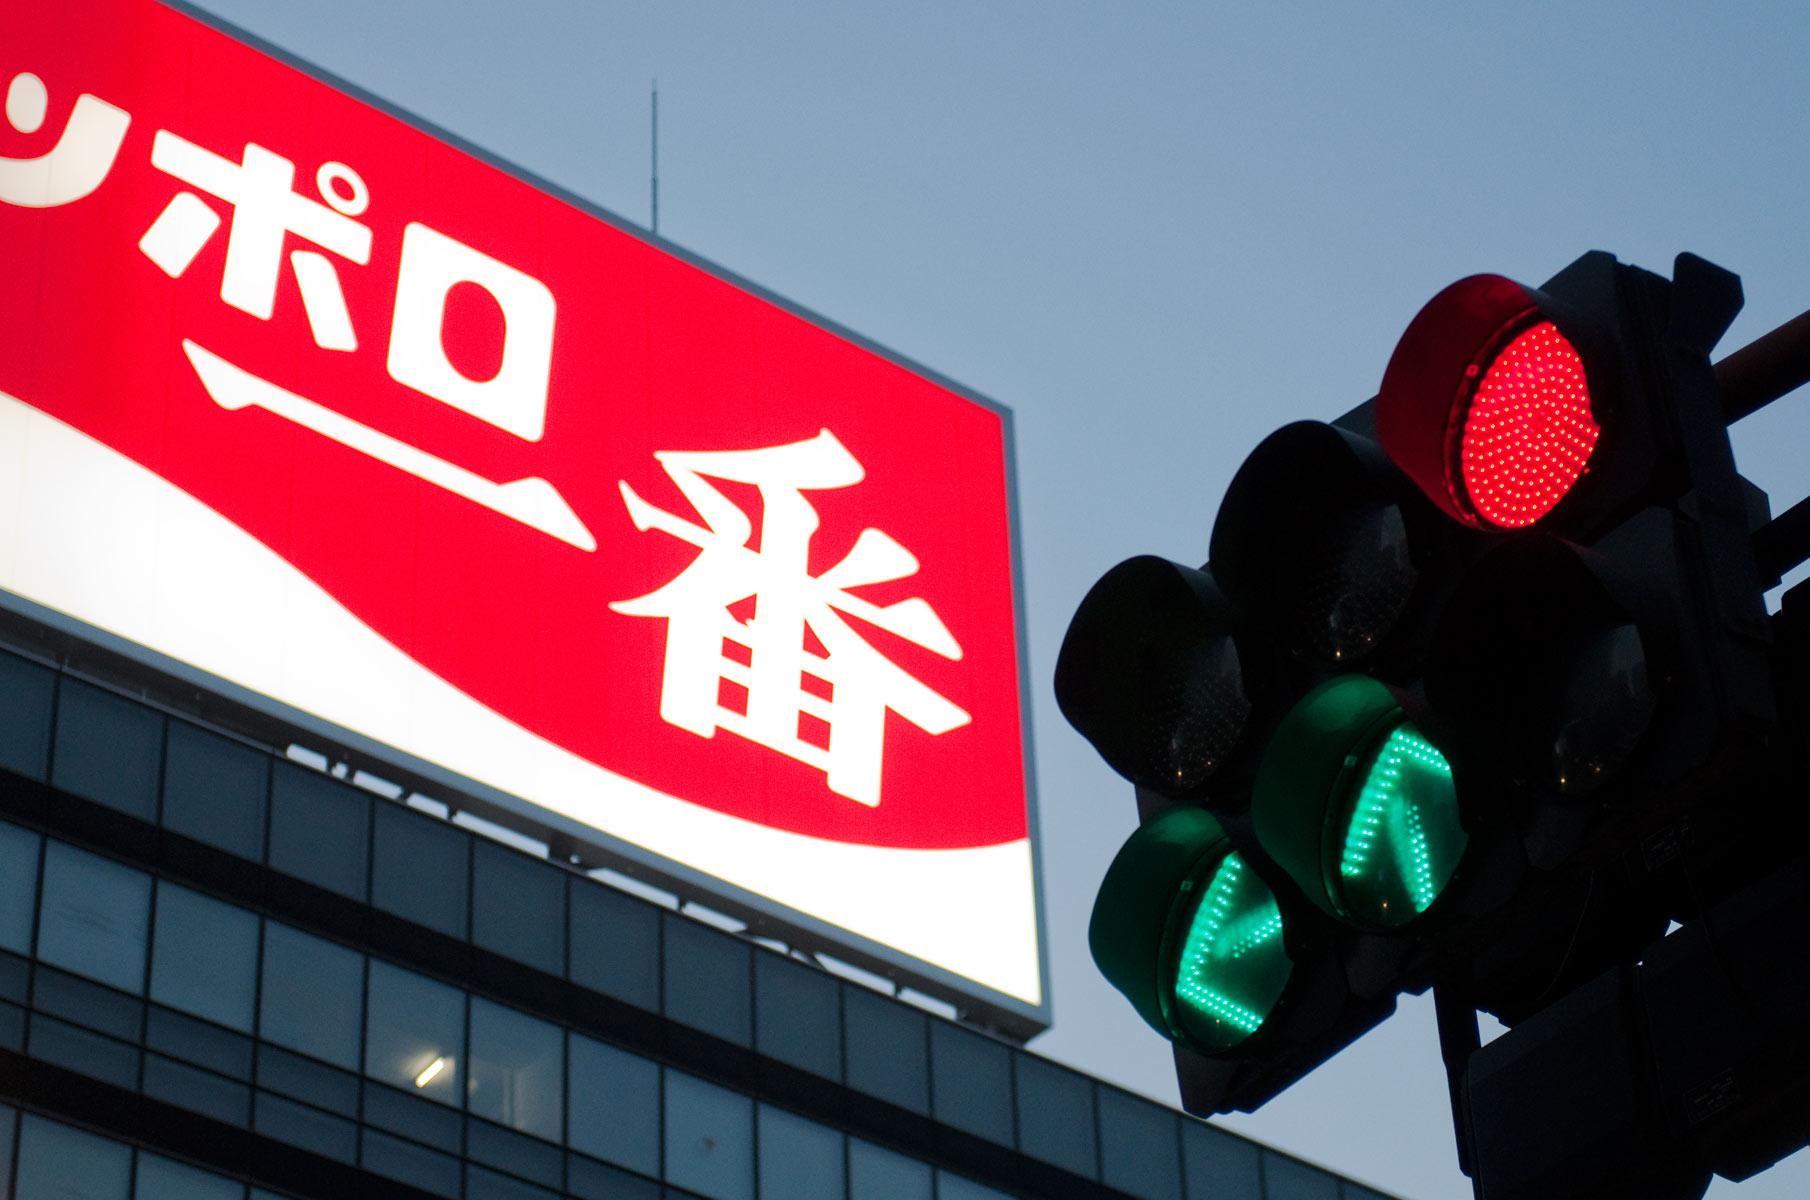 Leuchtreklame und Ampel in Tokyo, Japan